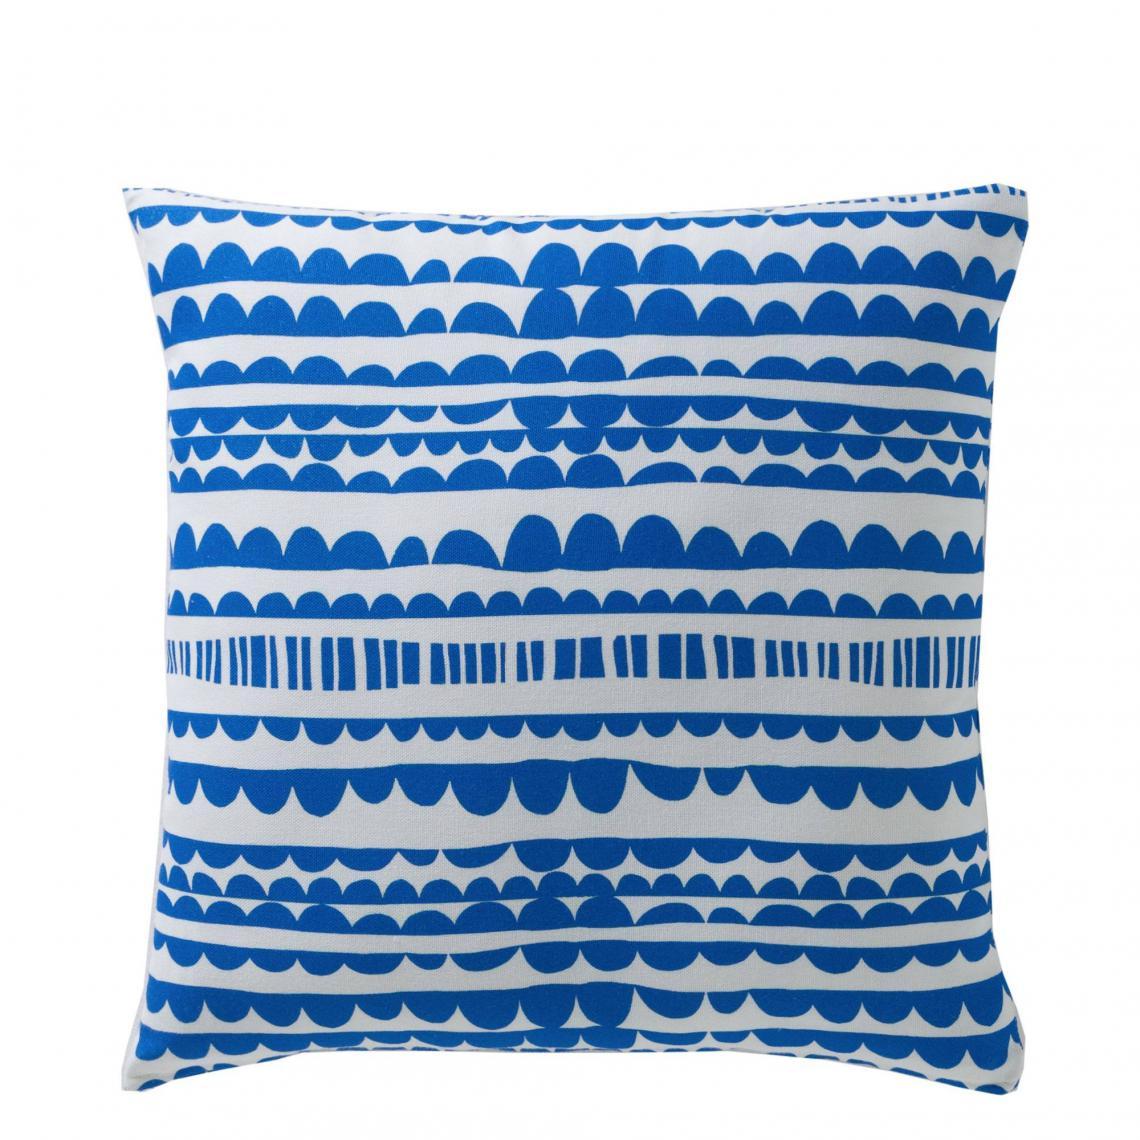 Housse de coussin coton imprimé Binche   Bleu | 3 SUISSES